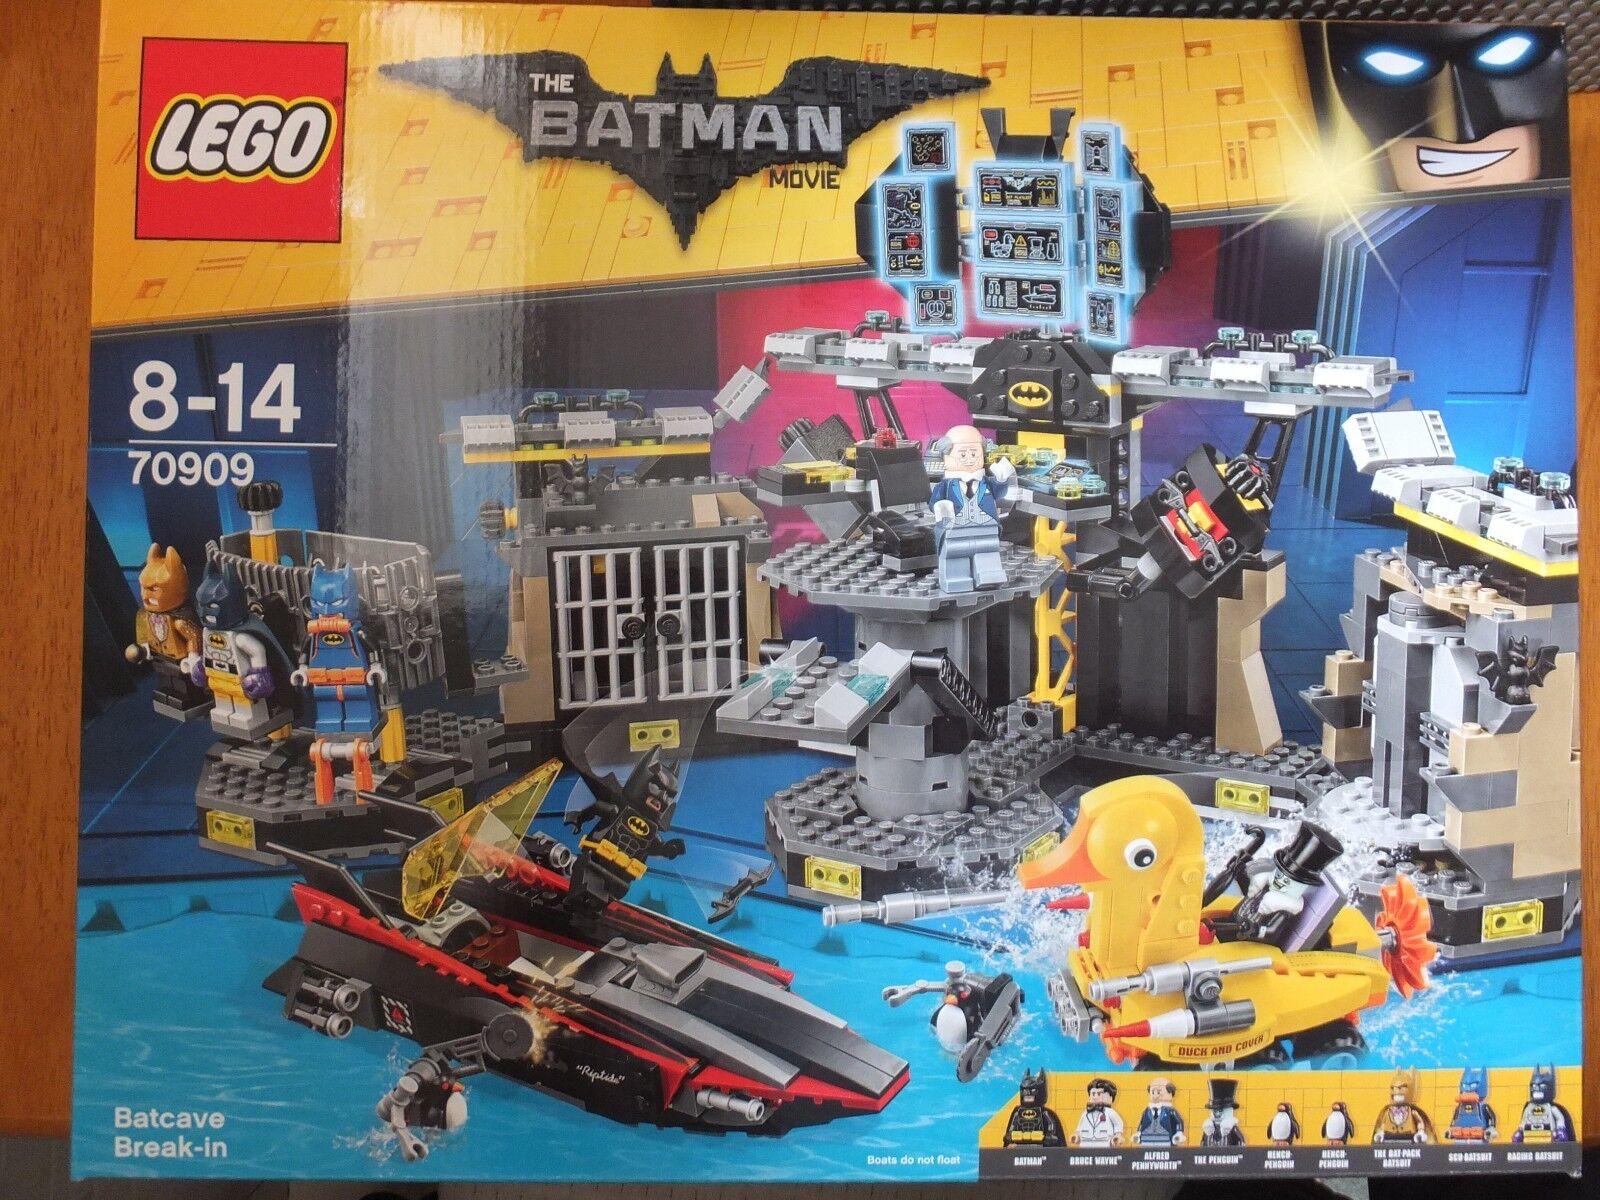 Lego 70909 The Batman Movie Batcave Break In Set